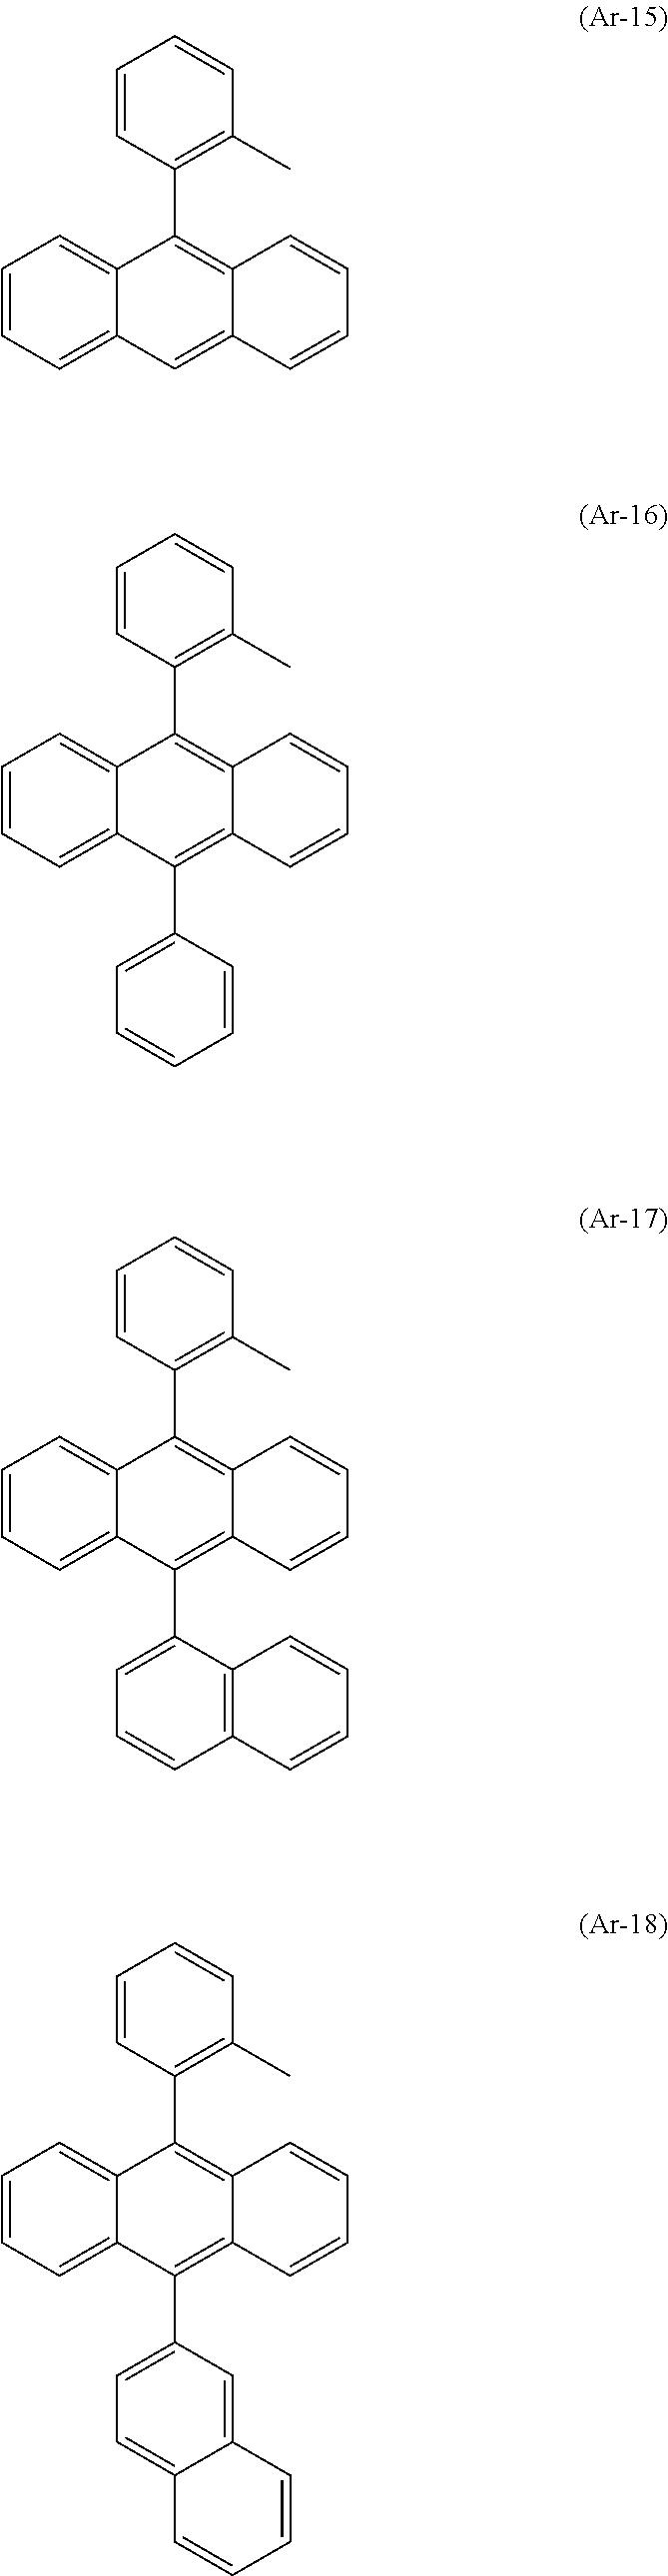 Figure US20130020561A1-20130124-C00020